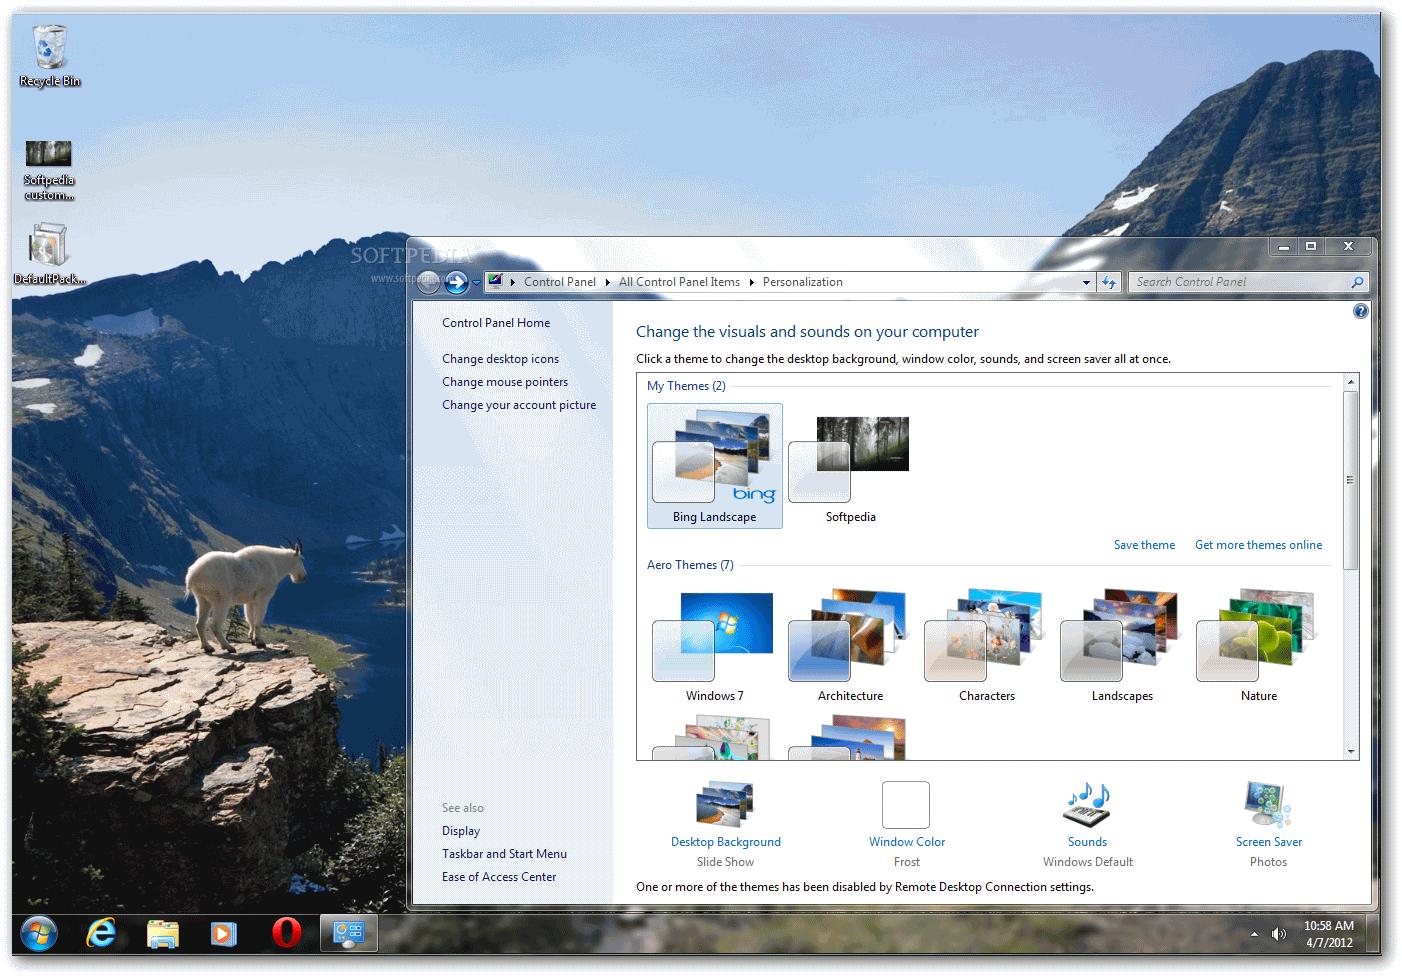 Download Bing Wallpaper Pack For Mac